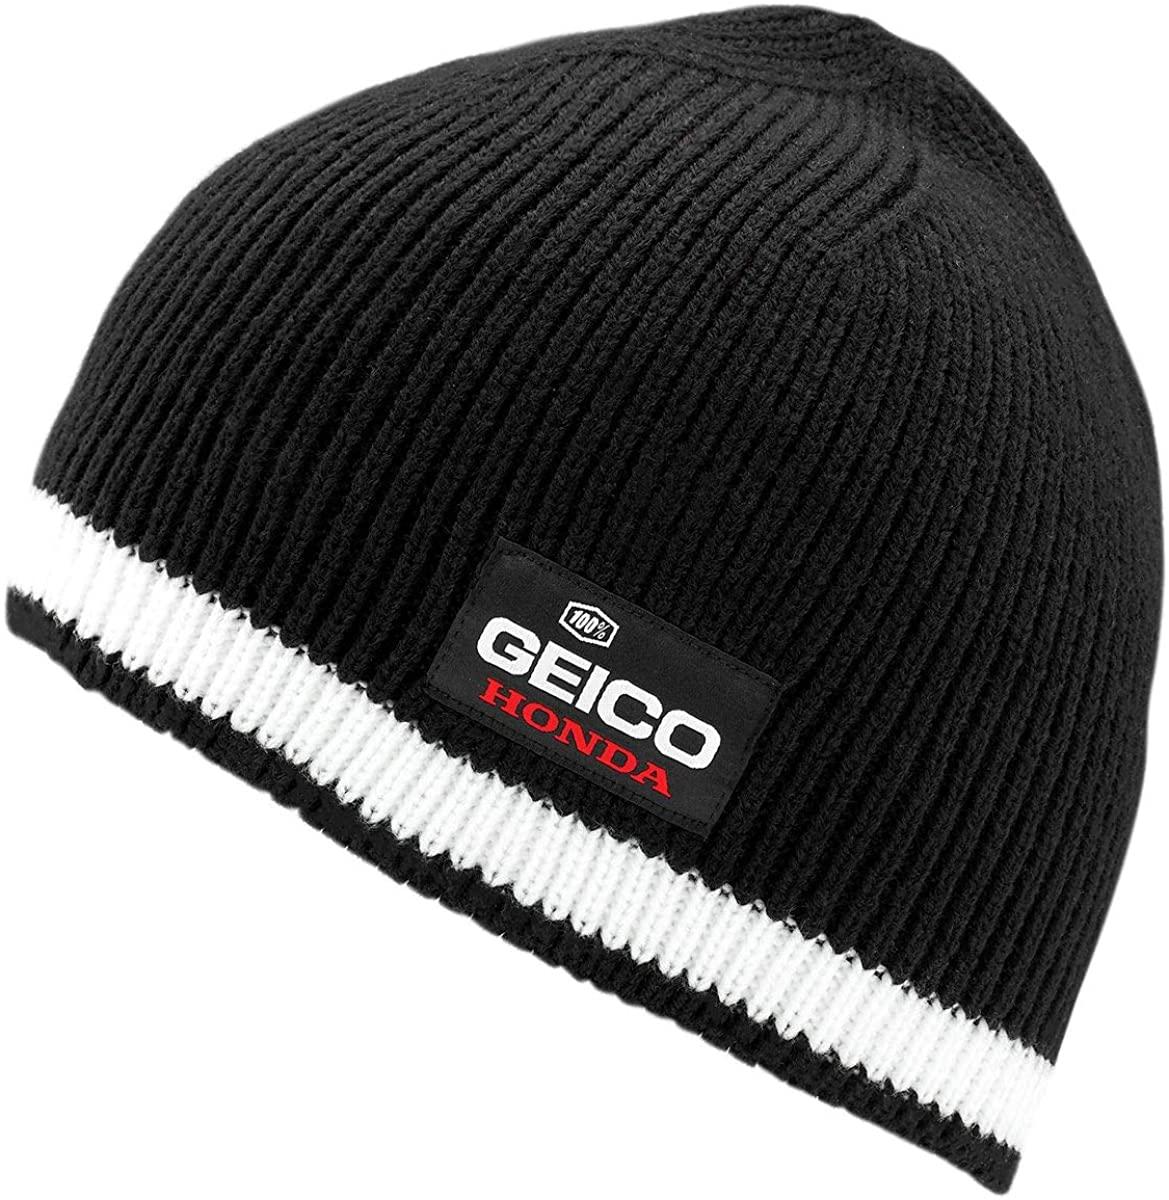 100% Men's Altitude Geico/Honda Beanie Hats